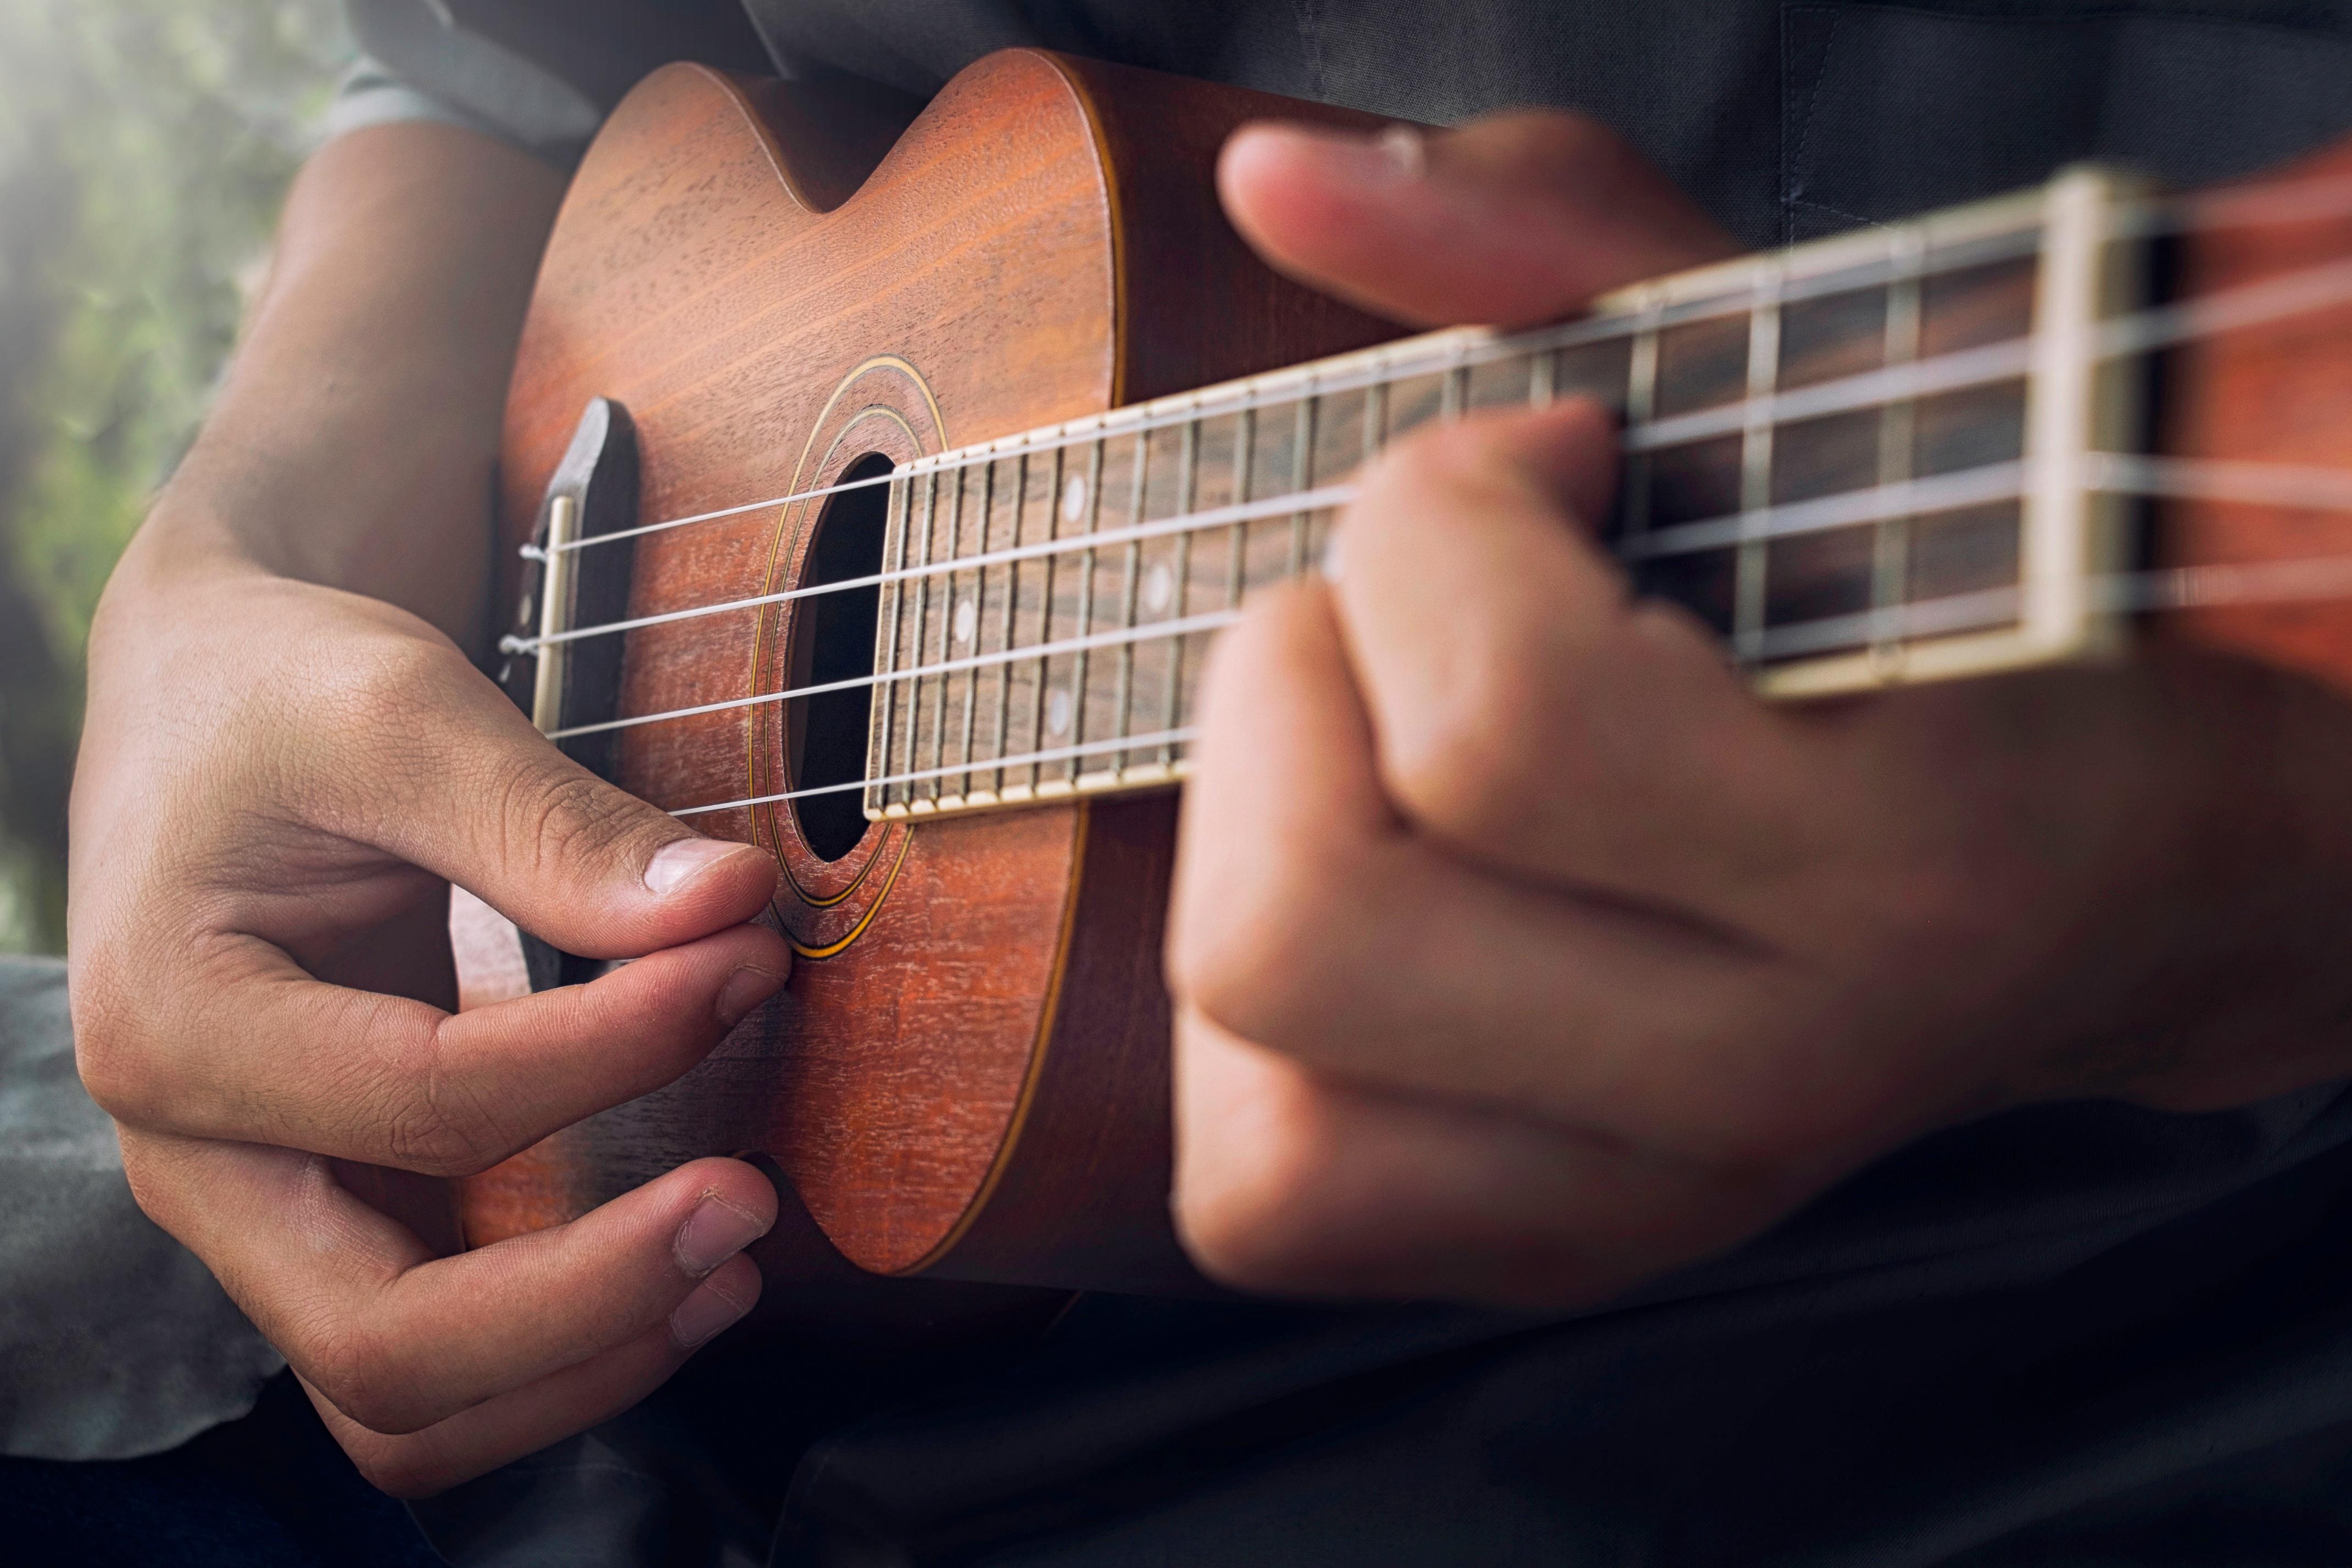 playing ukulele